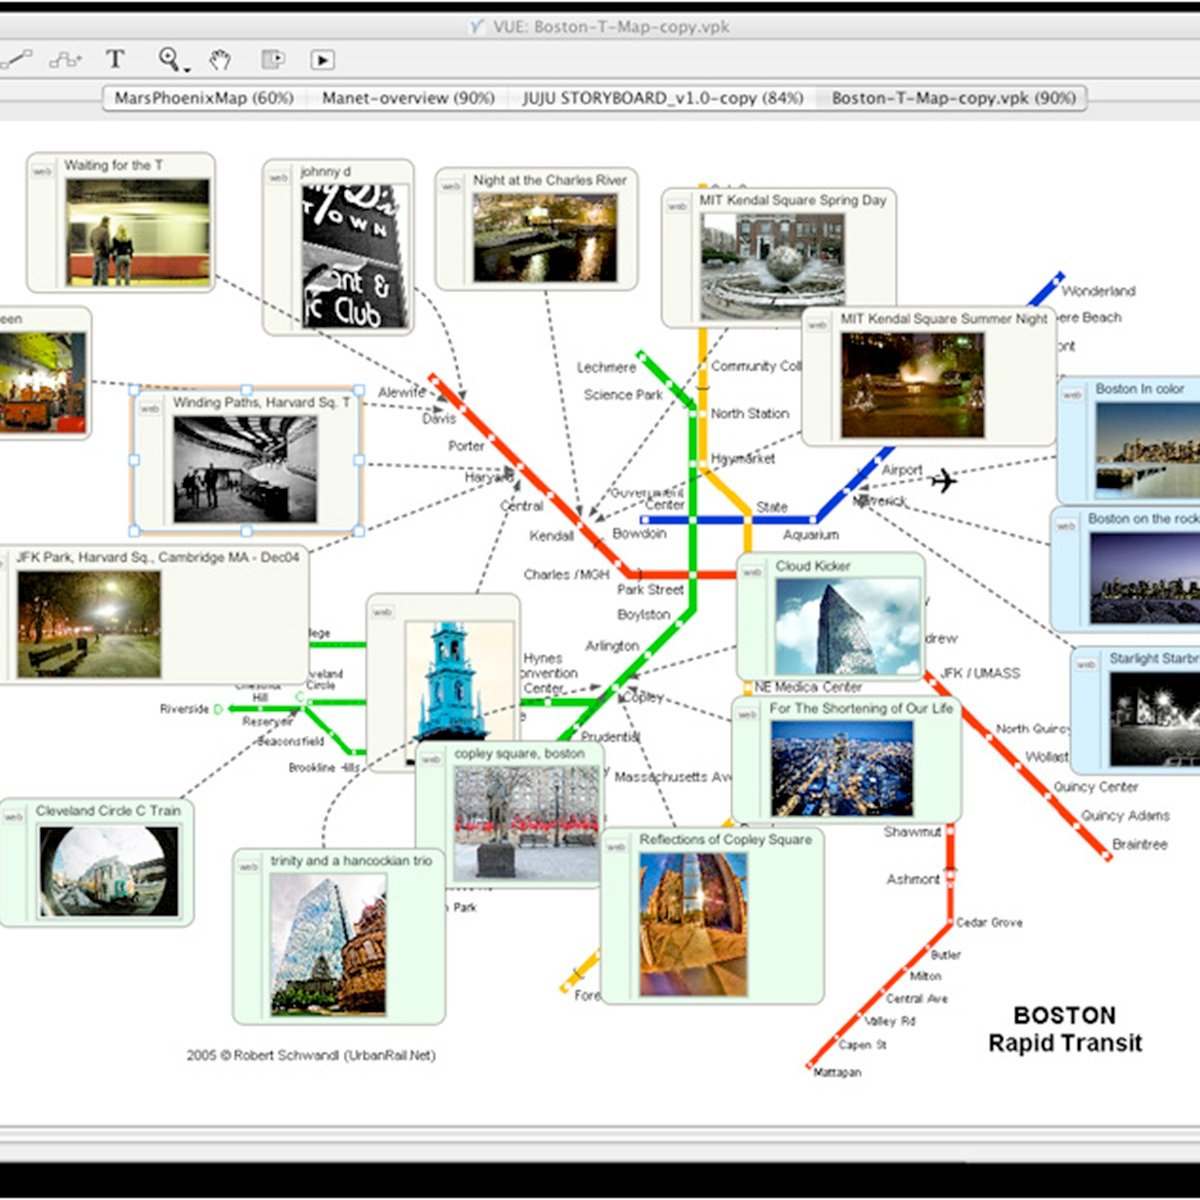 Visual Understanding Environment Alternatives and Similar